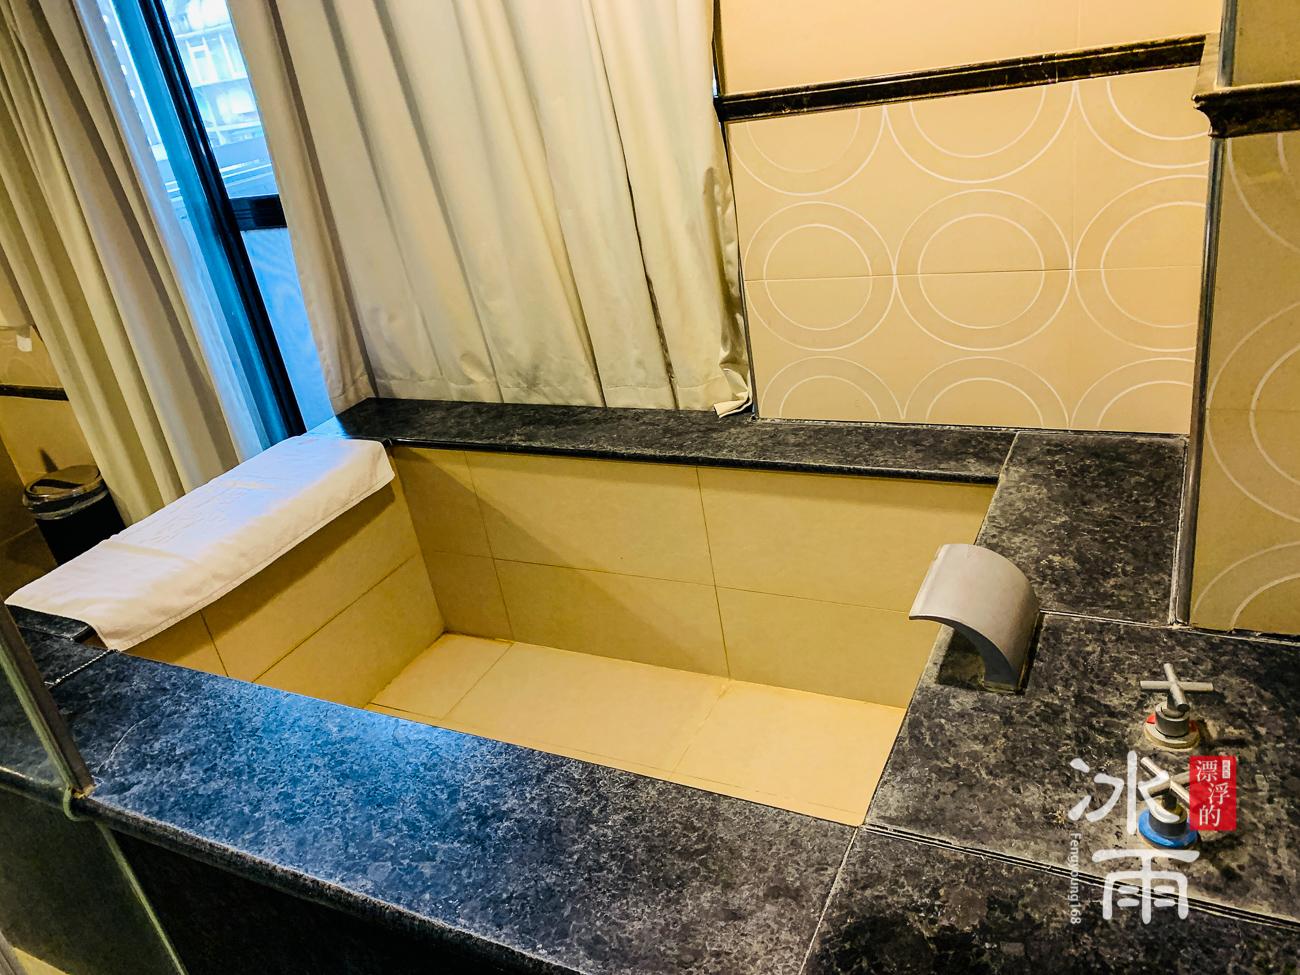 川湯春天溫泉飯店德陽館|室內浴池